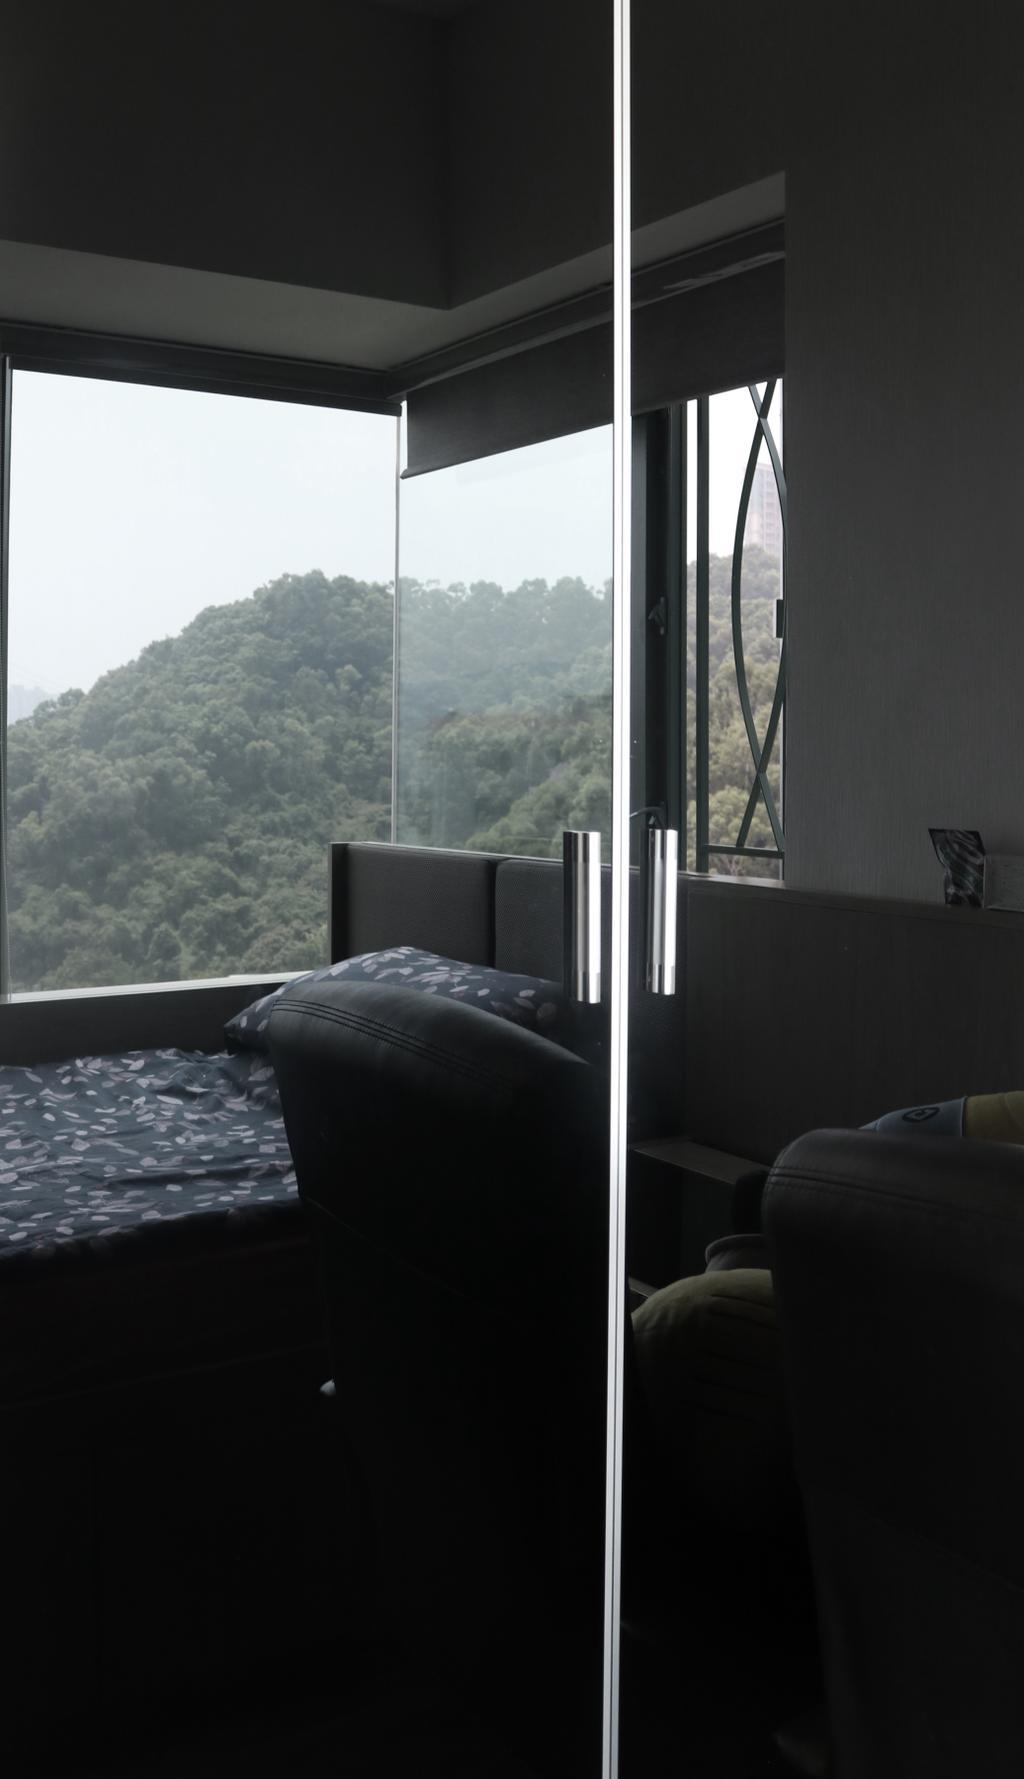 摩登, 私家樓, 睡房, 帝華軒, 室內設計師, 卓天設計